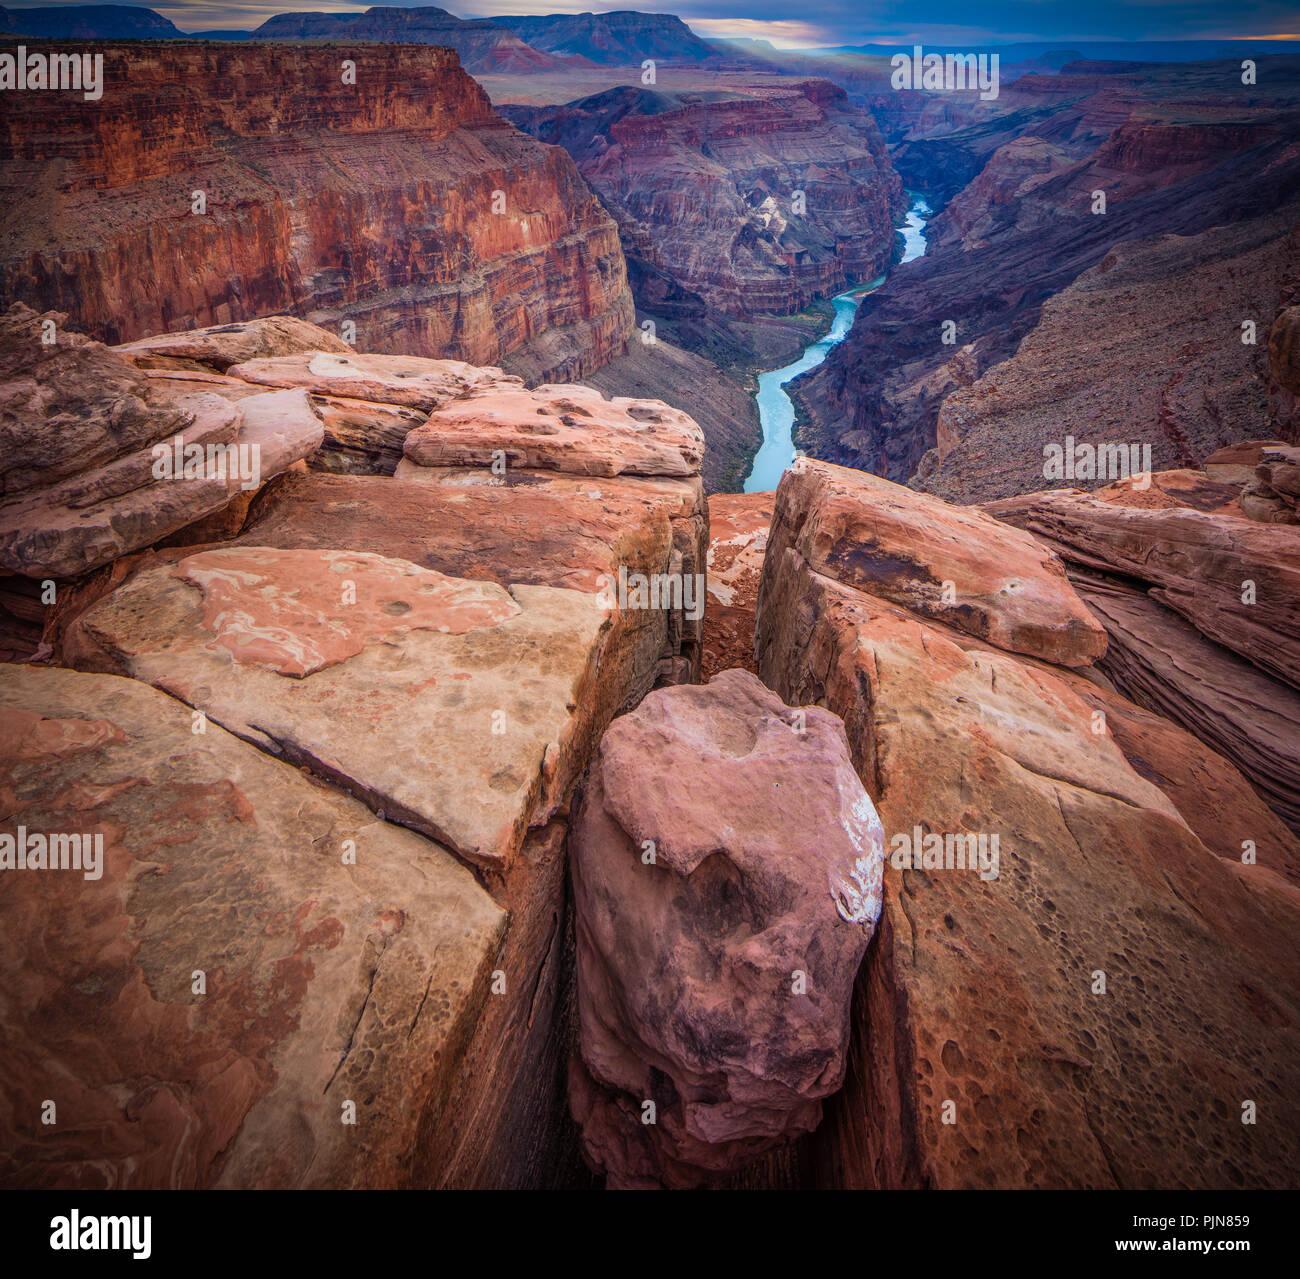 Grand Canyon vom Toroweap Point. Der Grand Canyon ist eine steile Schlucht des Colorado River im Bundesstaat Arizona geschnitzt. Stockbild